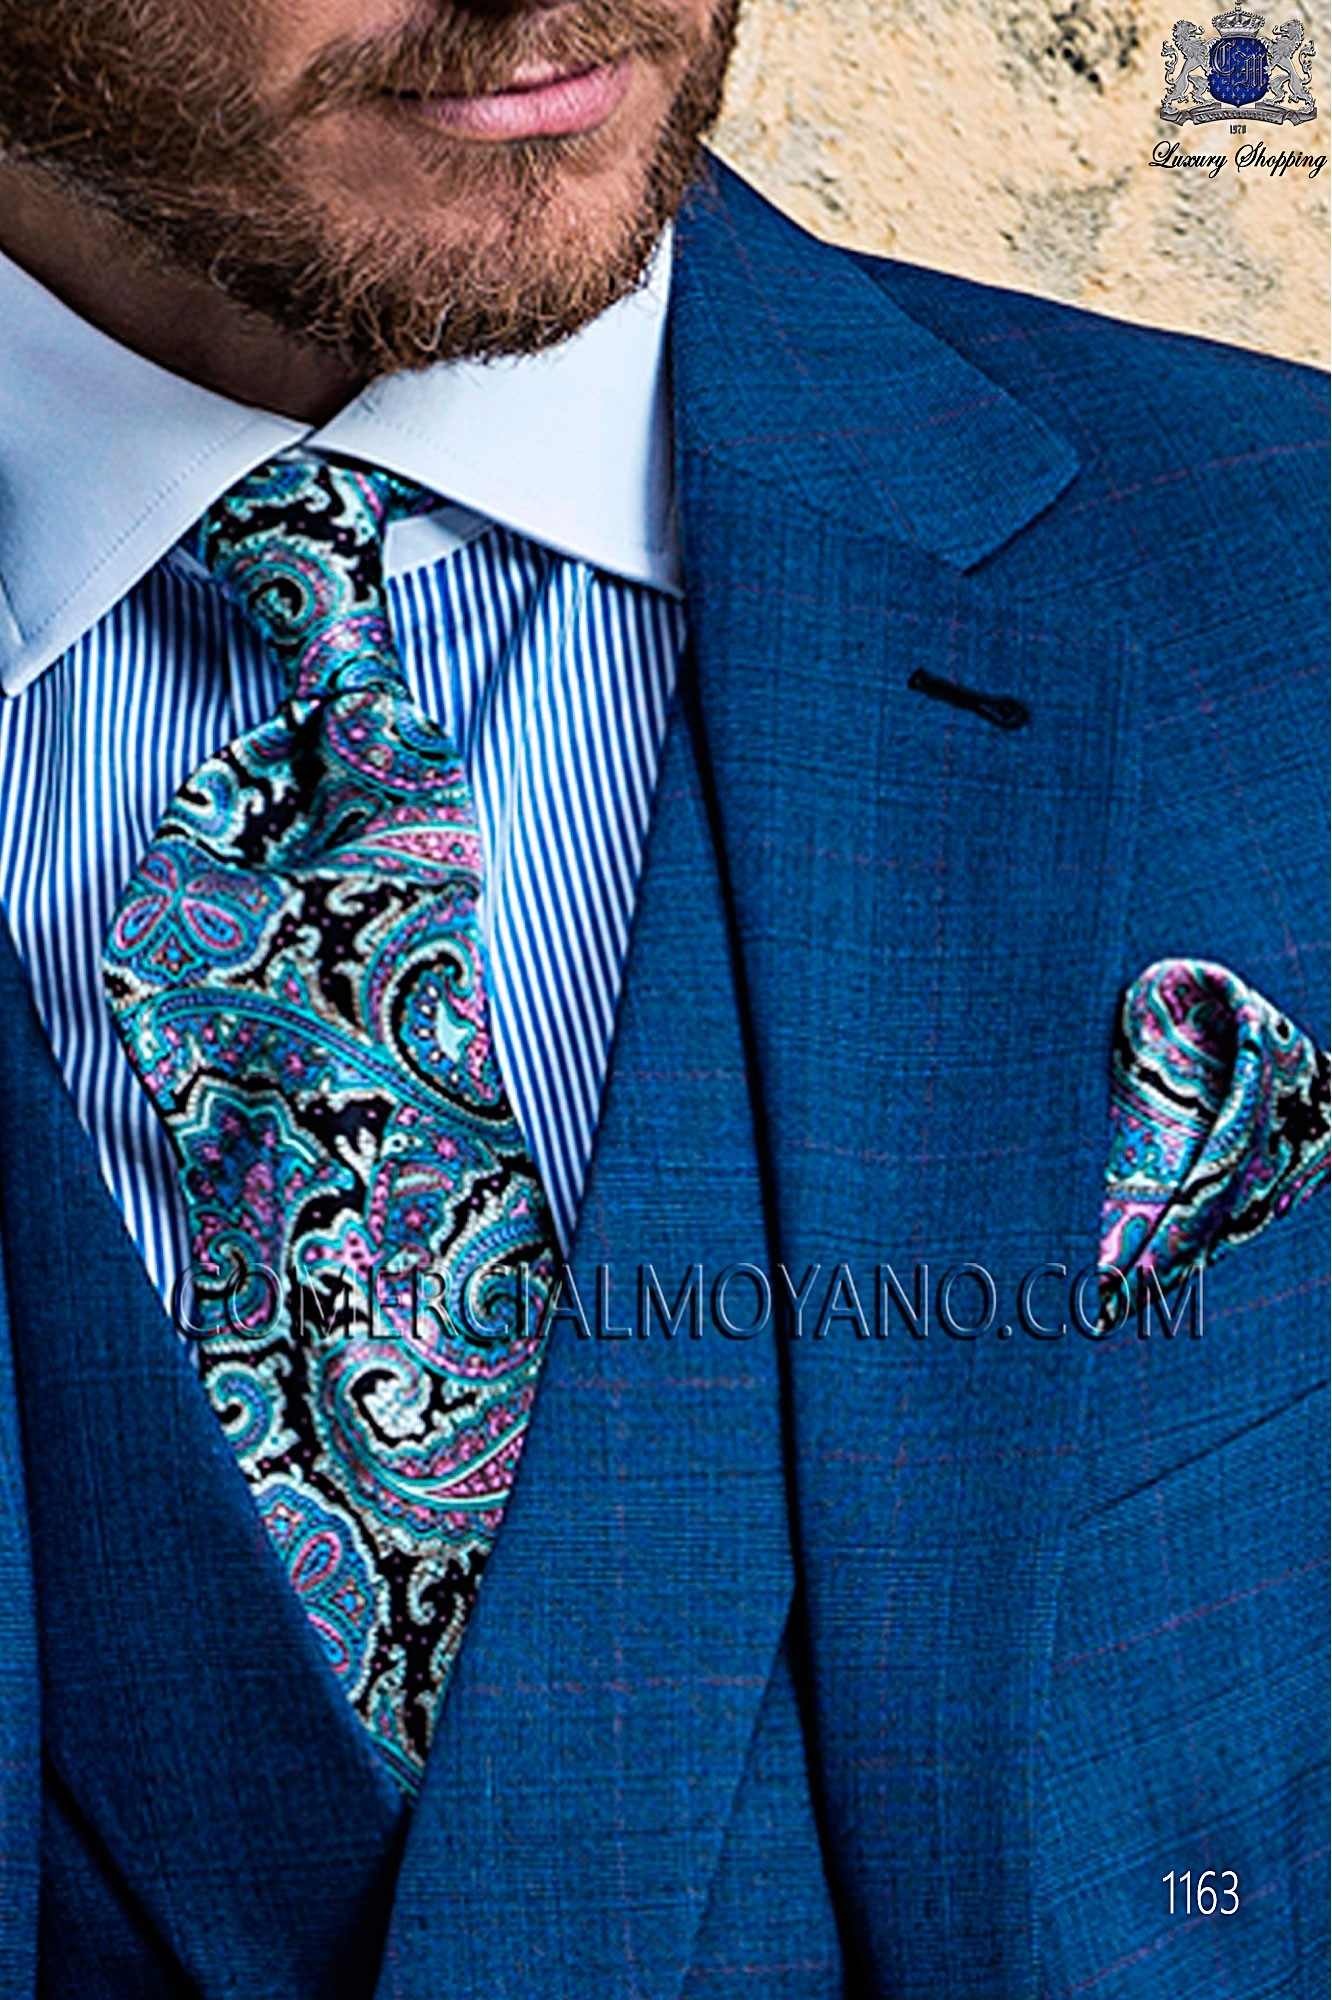 Traje Gentleman de novio Azul modelo: 1163 Ottavio Nuccio Gala colección Gentleman